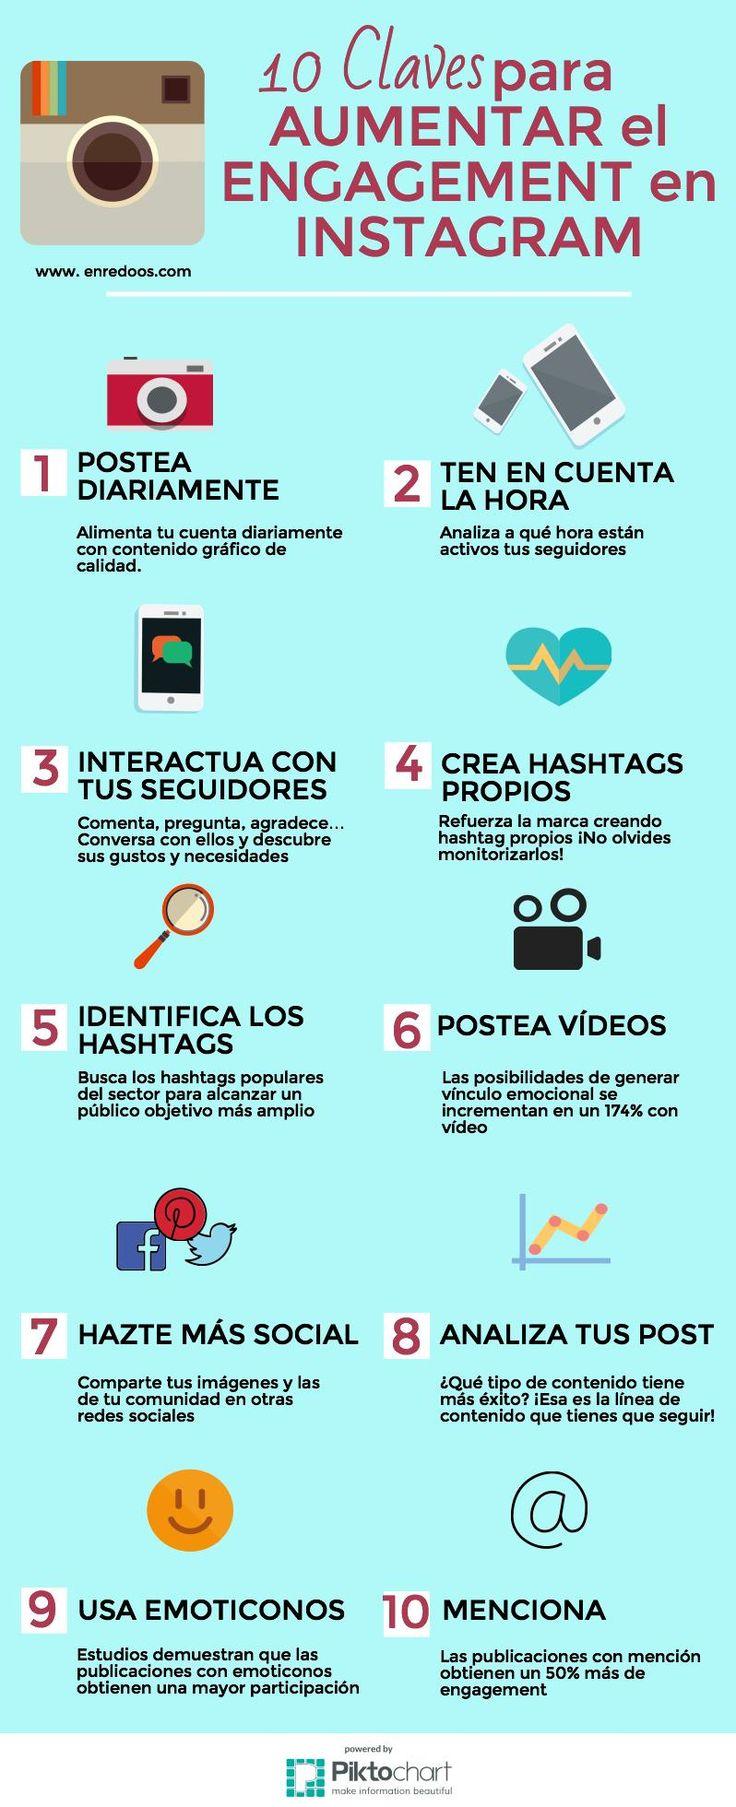 Hola: Una infografía con 10 claves para aumentar el engagement en Instagram. Vía Un saludo